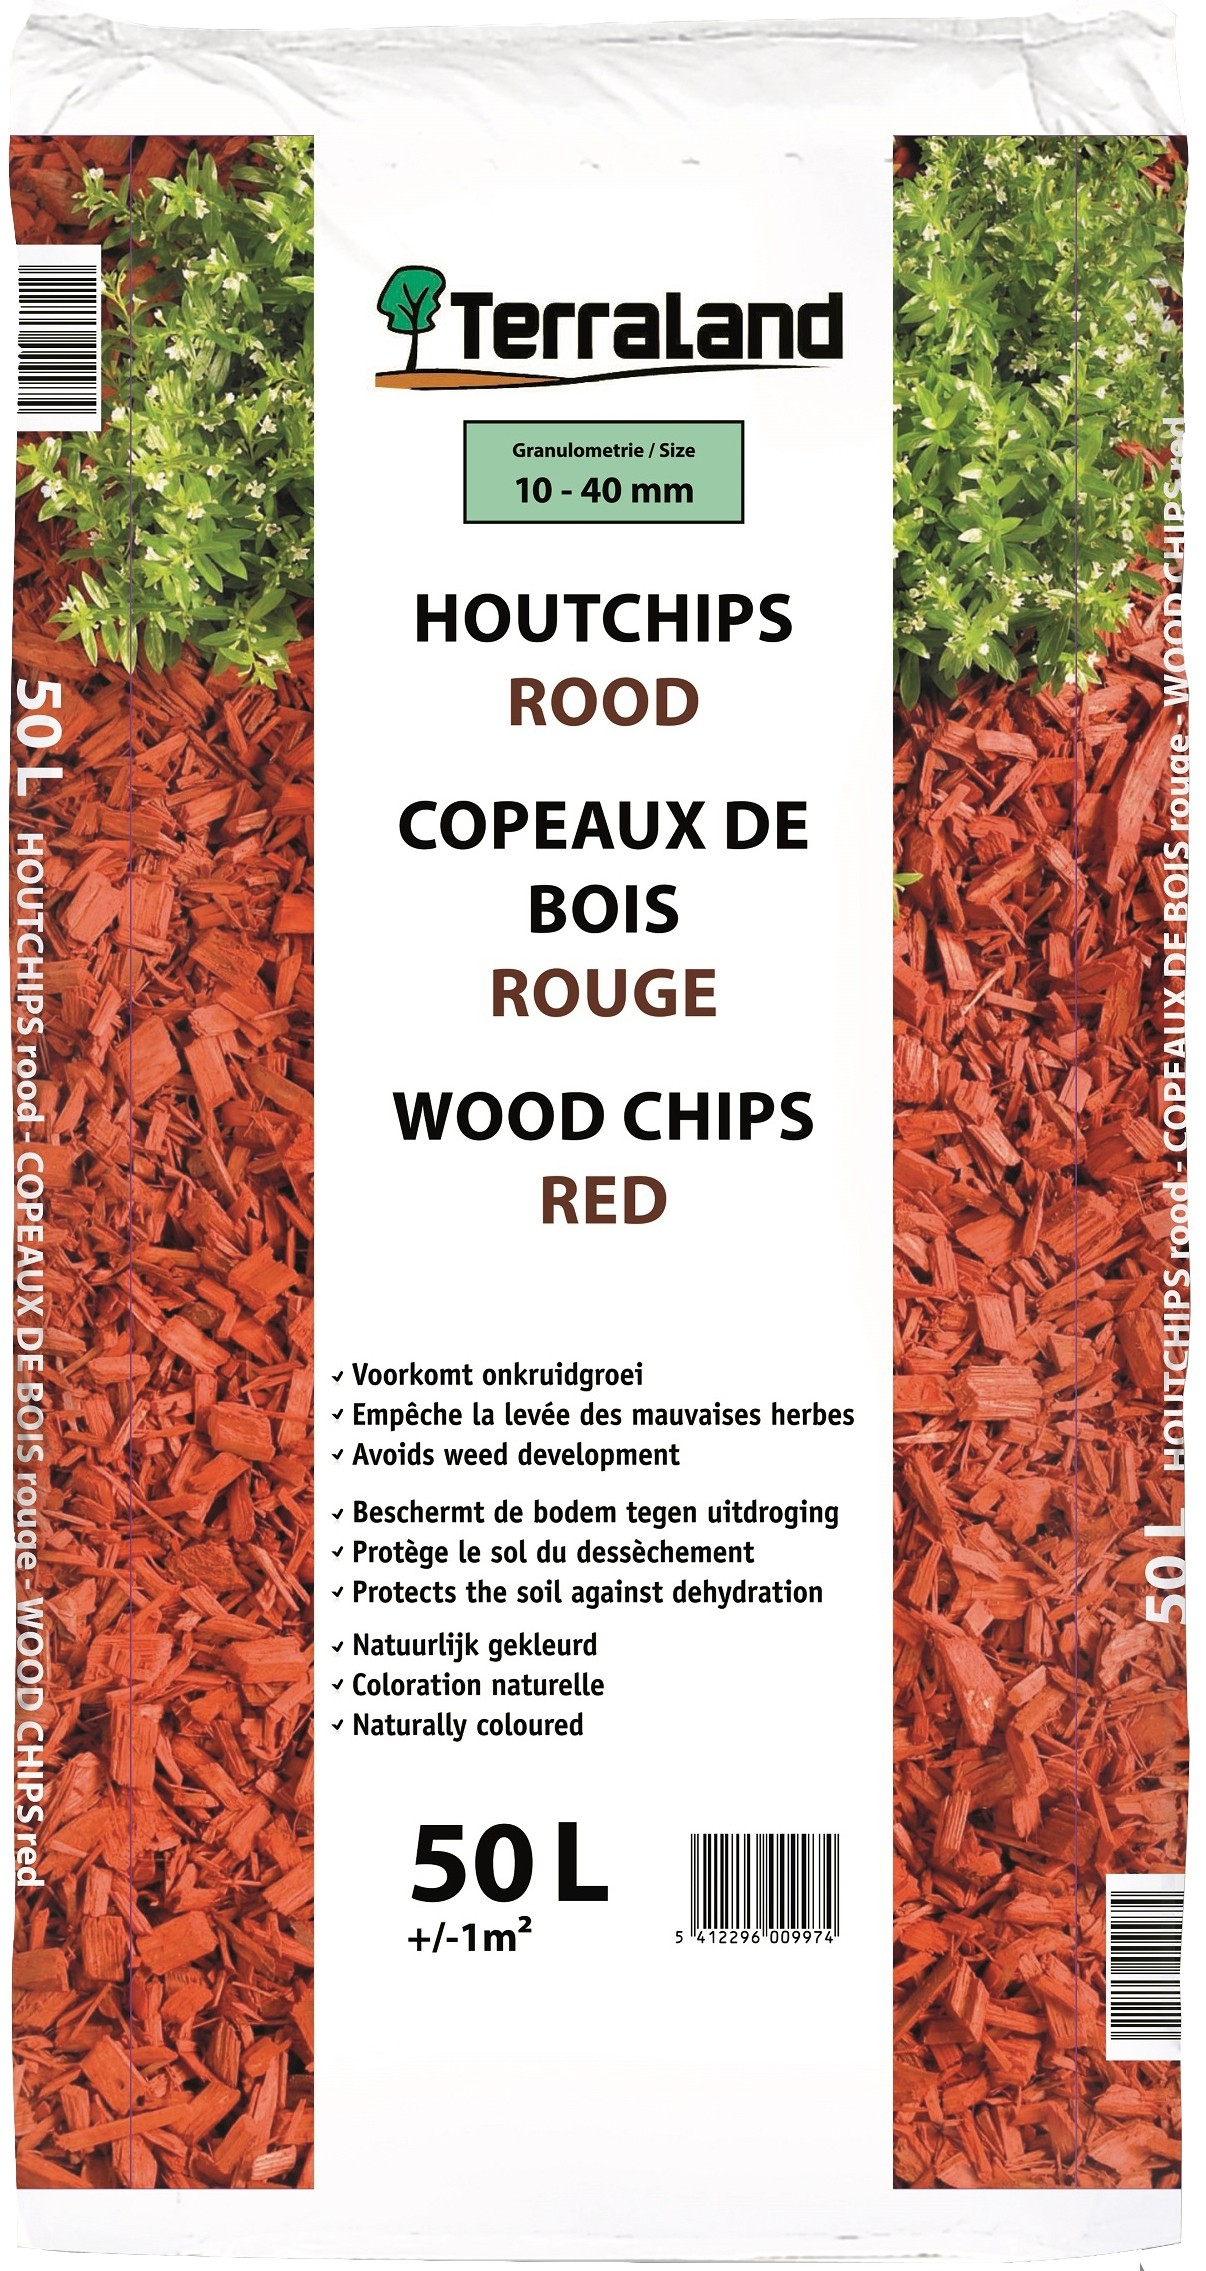 Copeaux De Bois Rouge 50 L Terraland - Mr.bricolage dedans Prix Copeaux De Bois Jardin